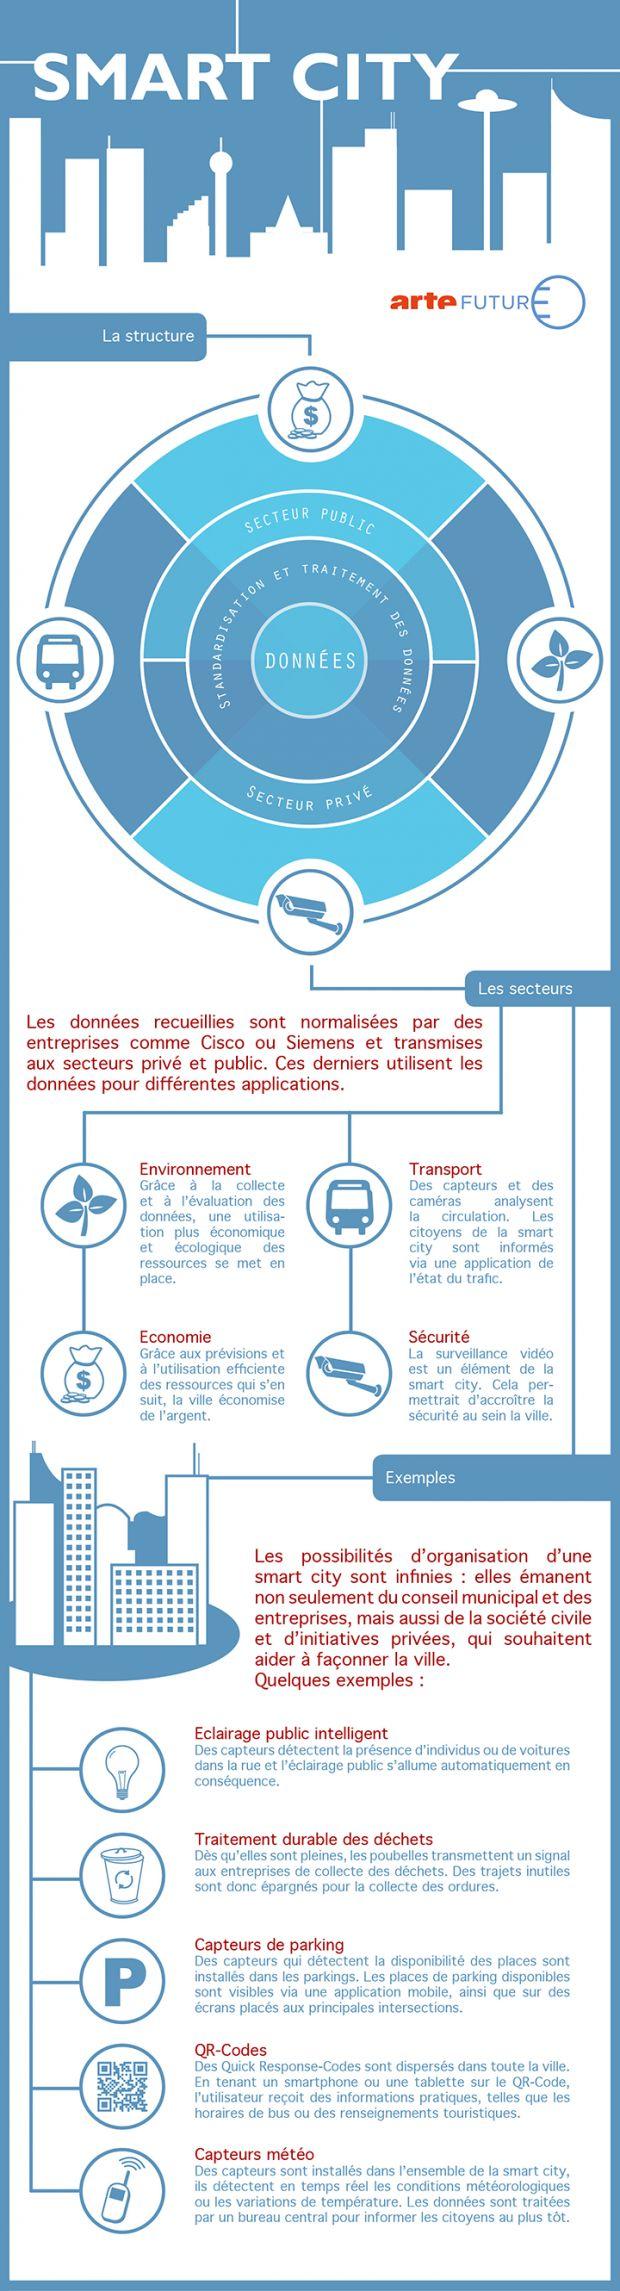 La ville intelligente cherche, ainsi, à concilier les piliers sociaux, culturels et environnementaux à travers une approche systémique qui allie gouvernance participative et gestion éclairée des ressources naturelles afin de faire face aux besoins des institutions, des entreprises et des citoyens #smartcity #m2mediascom